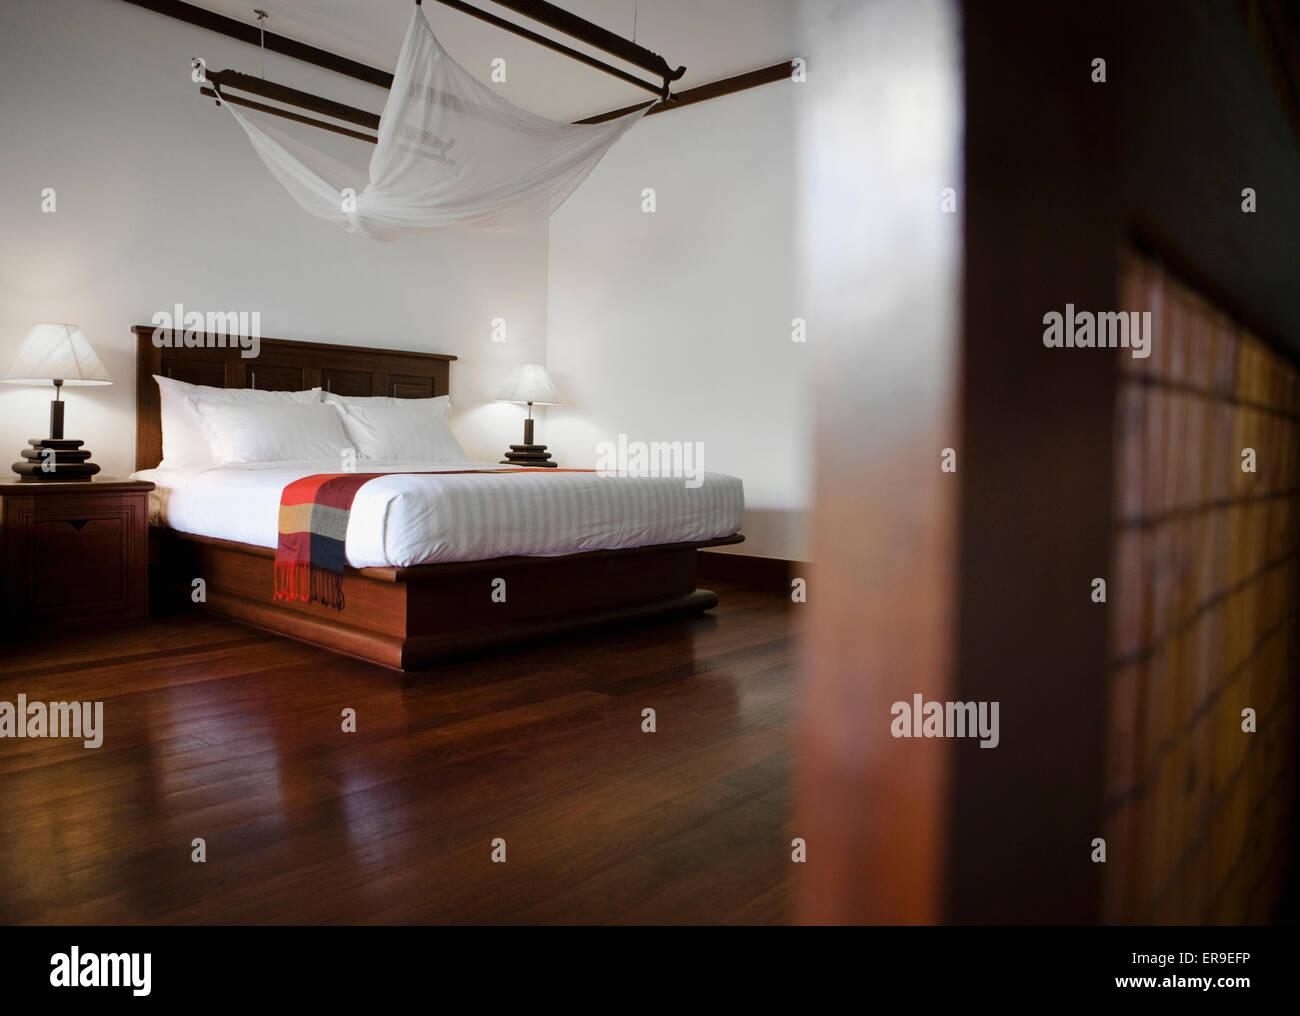 L'interno di un Royal Deluxe Lato Piscina camera presso La Residenza d'Angkor, Siem Reap, Cambogia. Immagini Stock